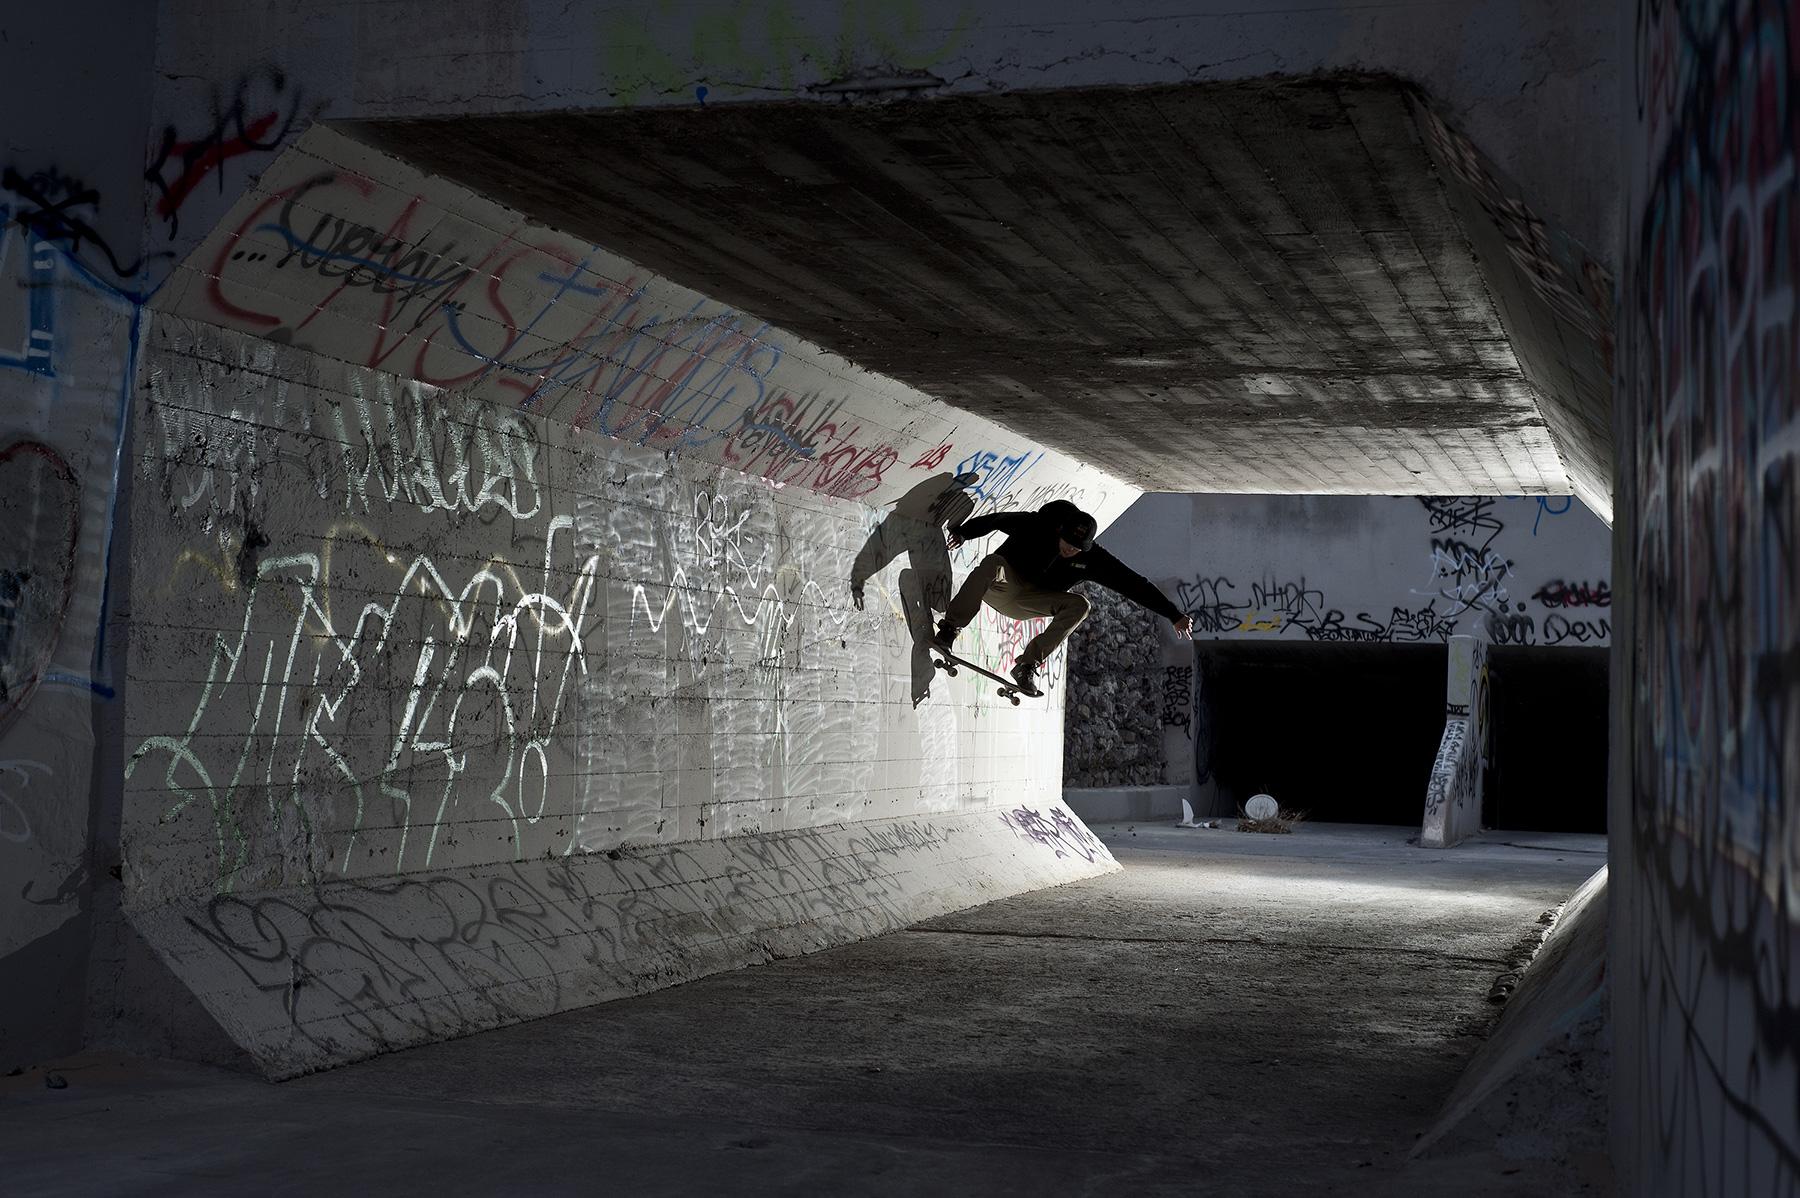 Tyler Surrey